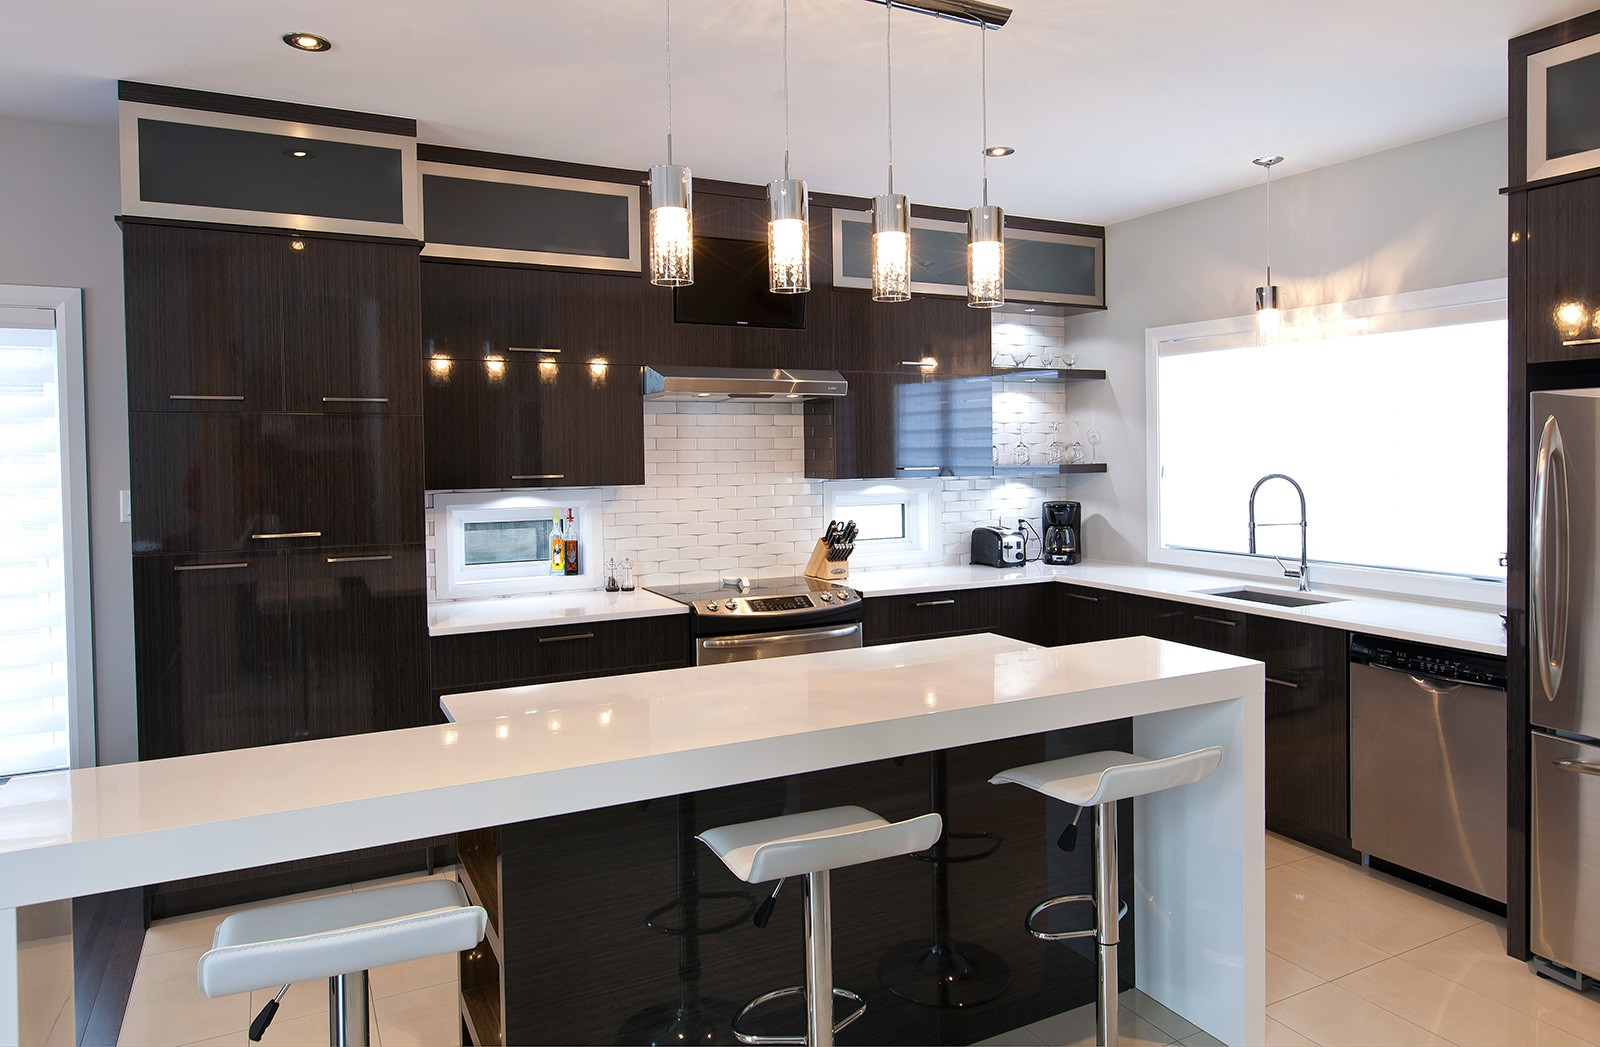 M6 deco cuisine noire cuisine id es de d coration de for Deco de cuisine fait maison